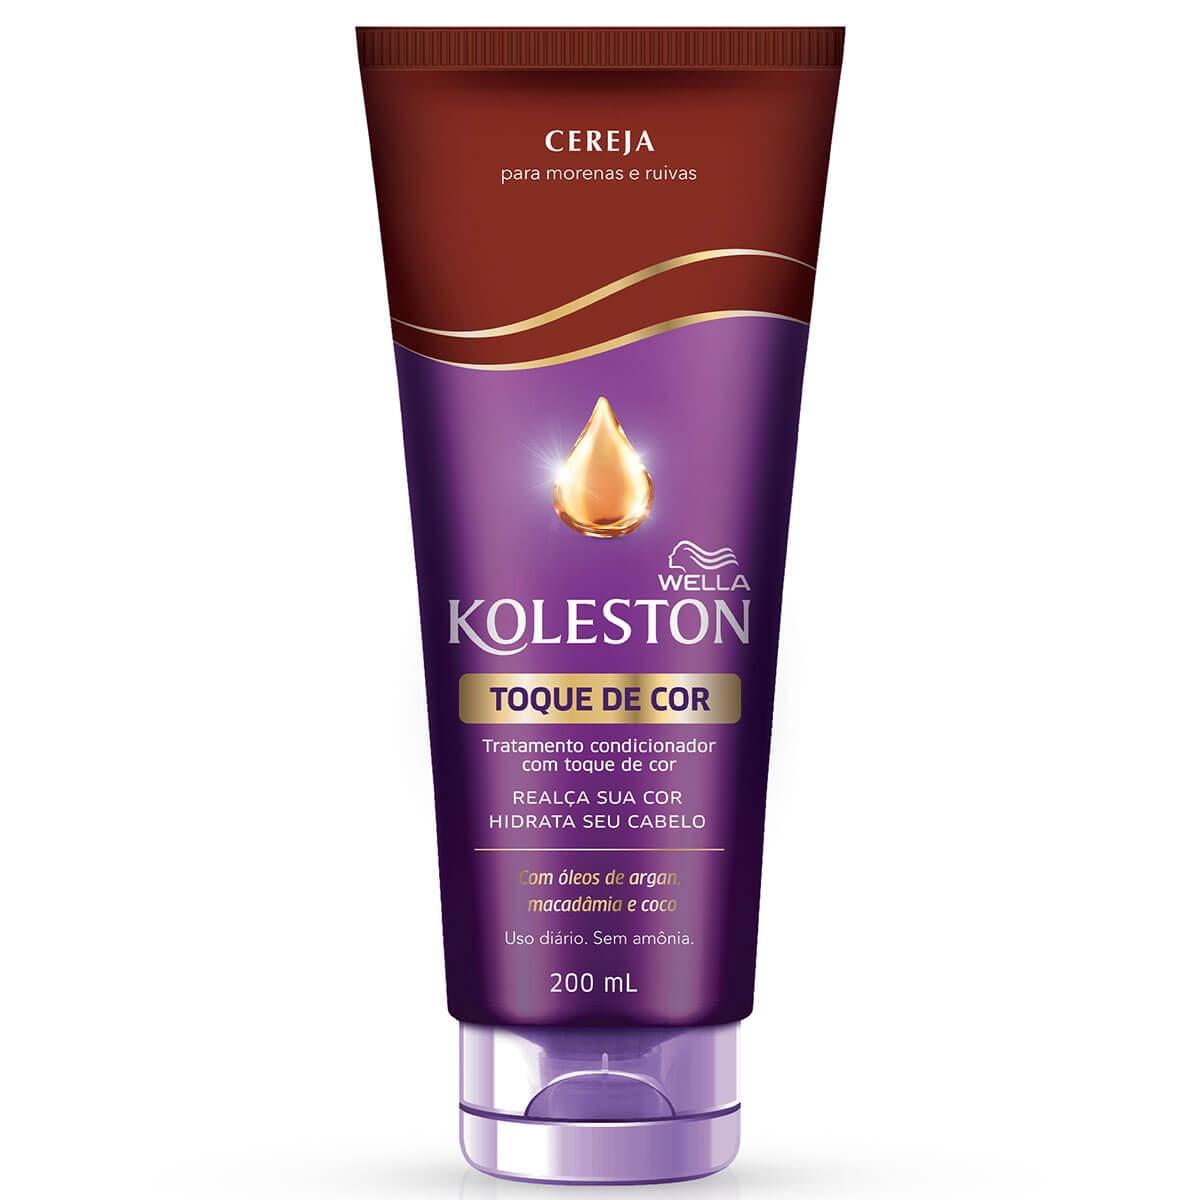 Tratamento Condicionador Koleston com Toque de Cor Cereja 200ml 200ml